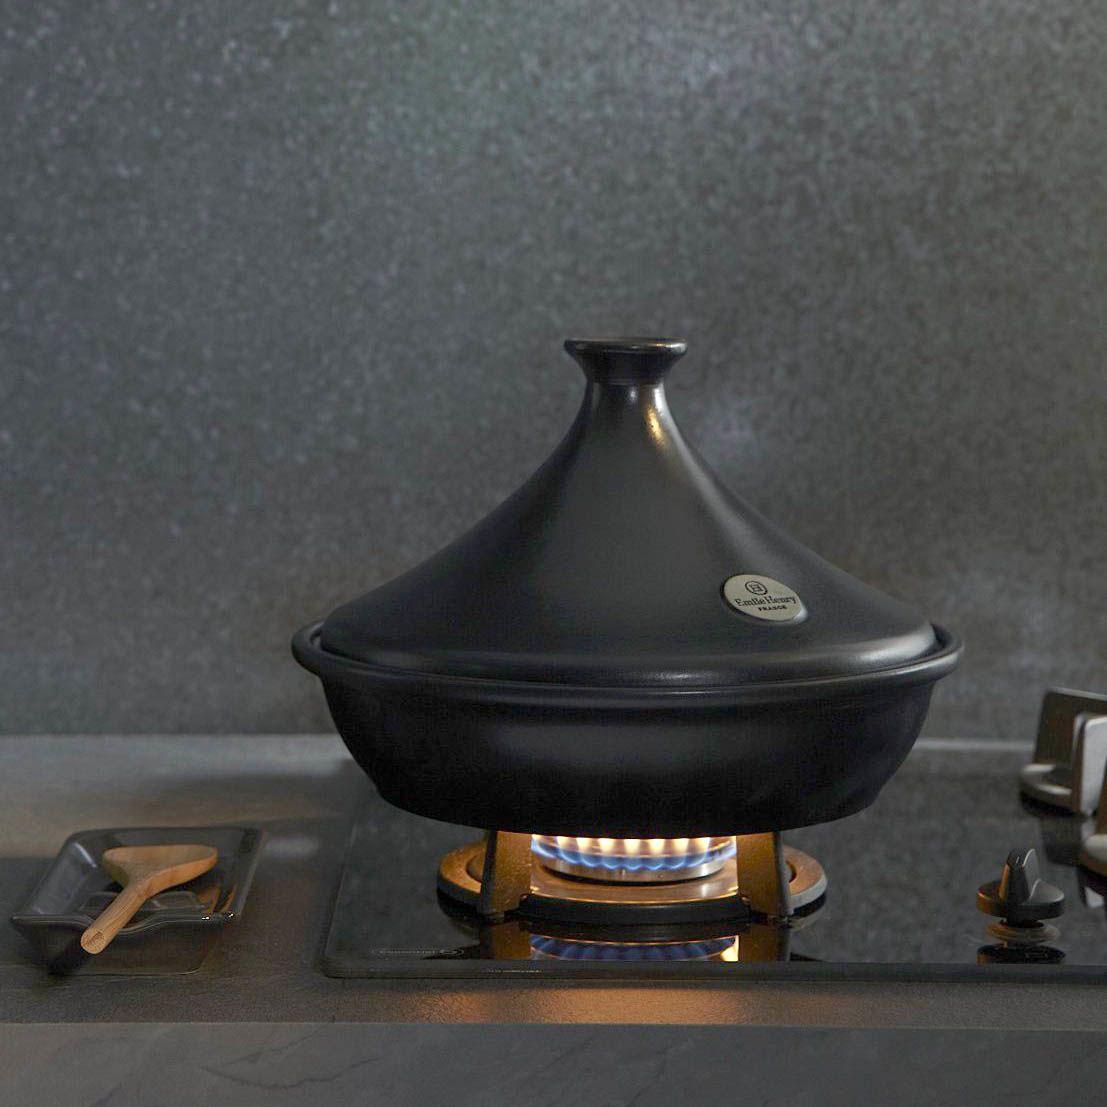 Тажин Emile Henry Flame Bleu Pavot большой 3,5 л керамический с крышкой